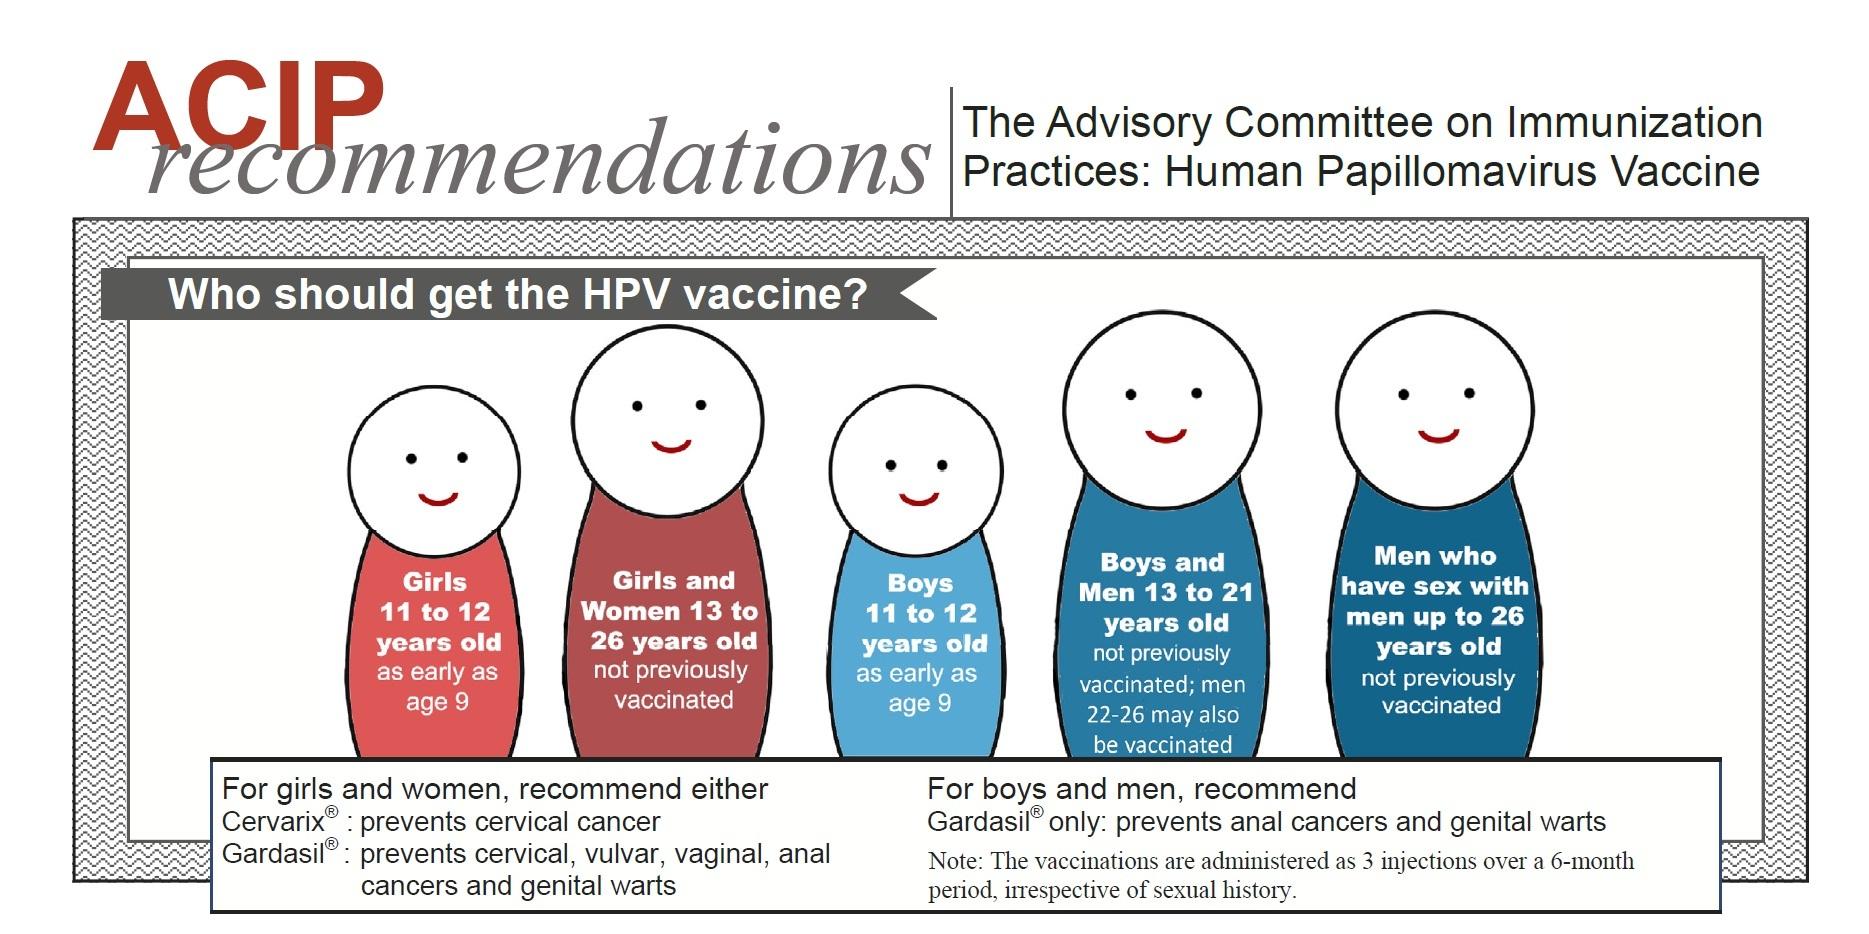 human papillomavirus vaccine over 26)